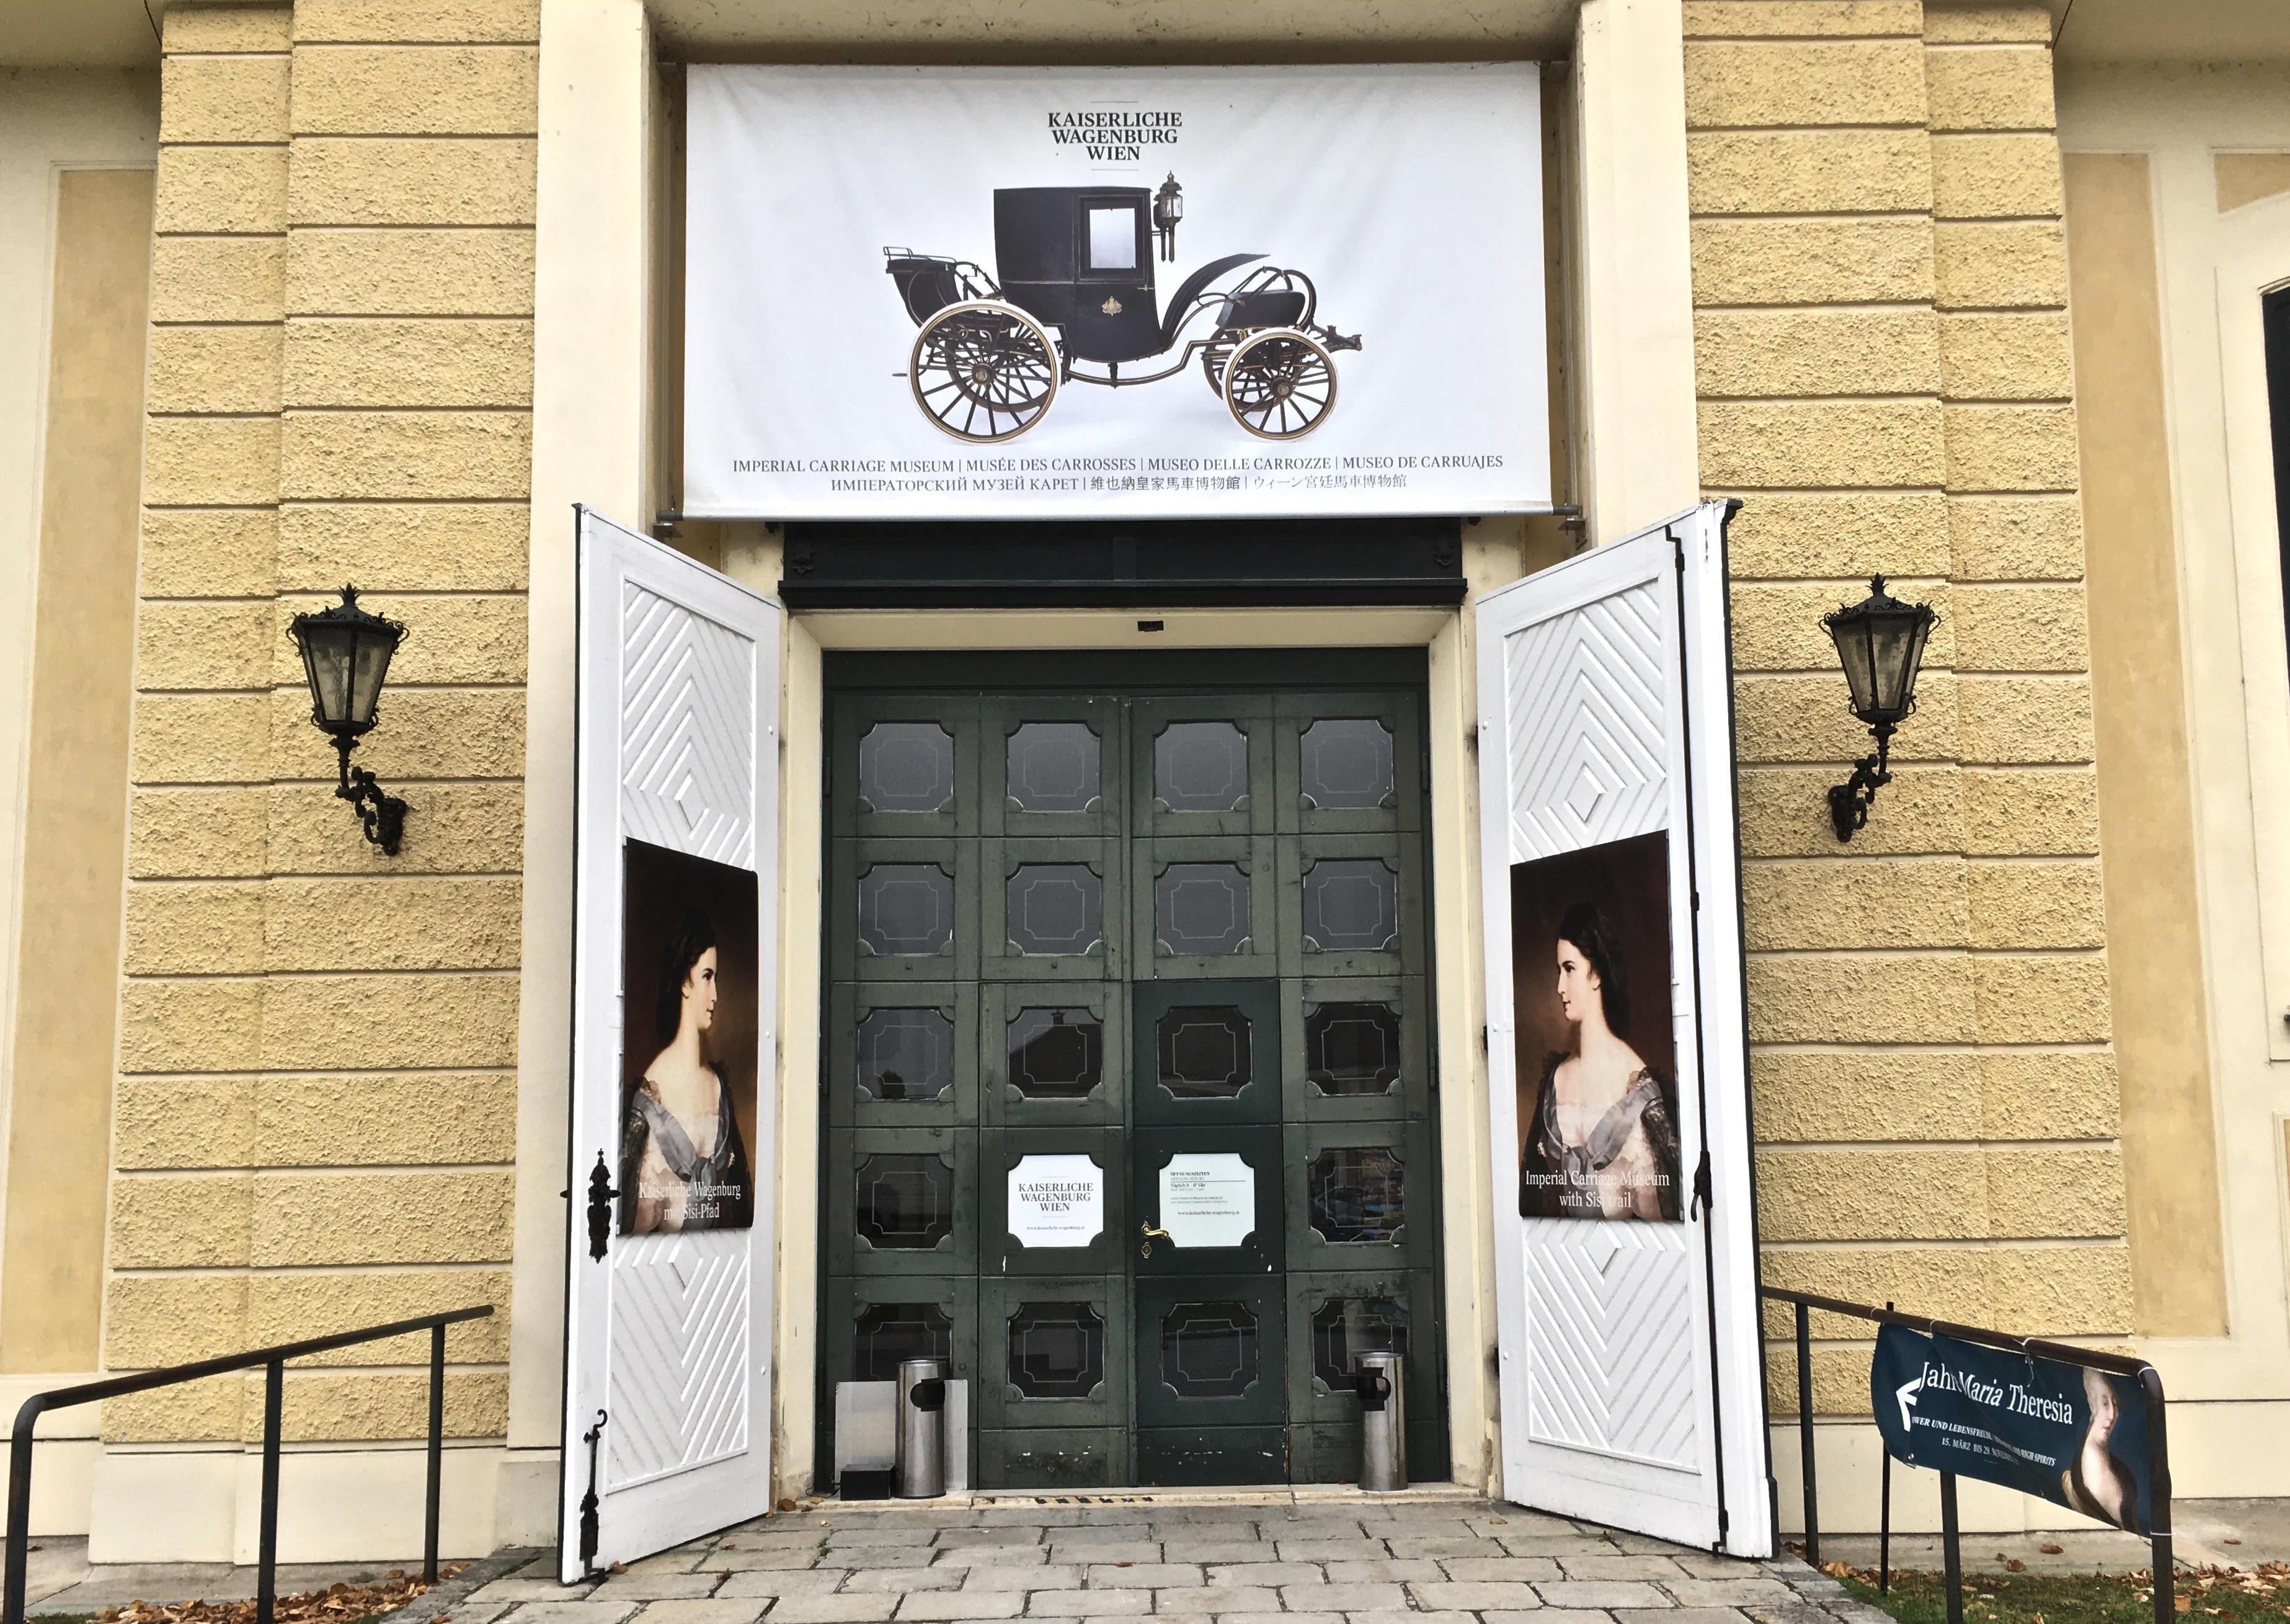 Kaiserliche Wagenburg Eingang (c) STADTBEKANNT